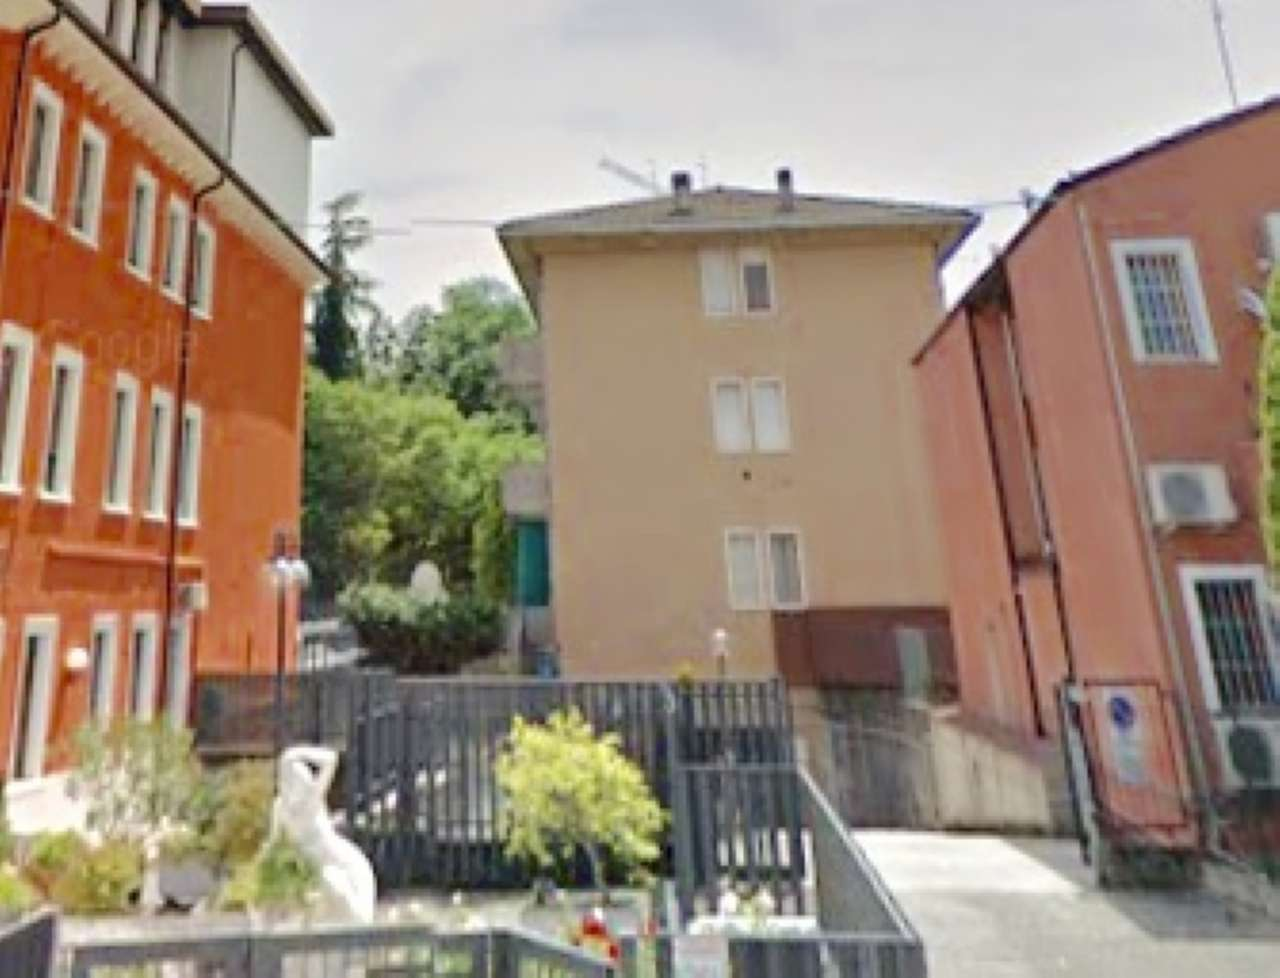 Box / Garage in vendita a Verona, 1 locali, zona Zona: 10 . Borgo Roma - Ca' di David - Palazzina - Zai, prezzo € 12.000 | CambioCasa.it